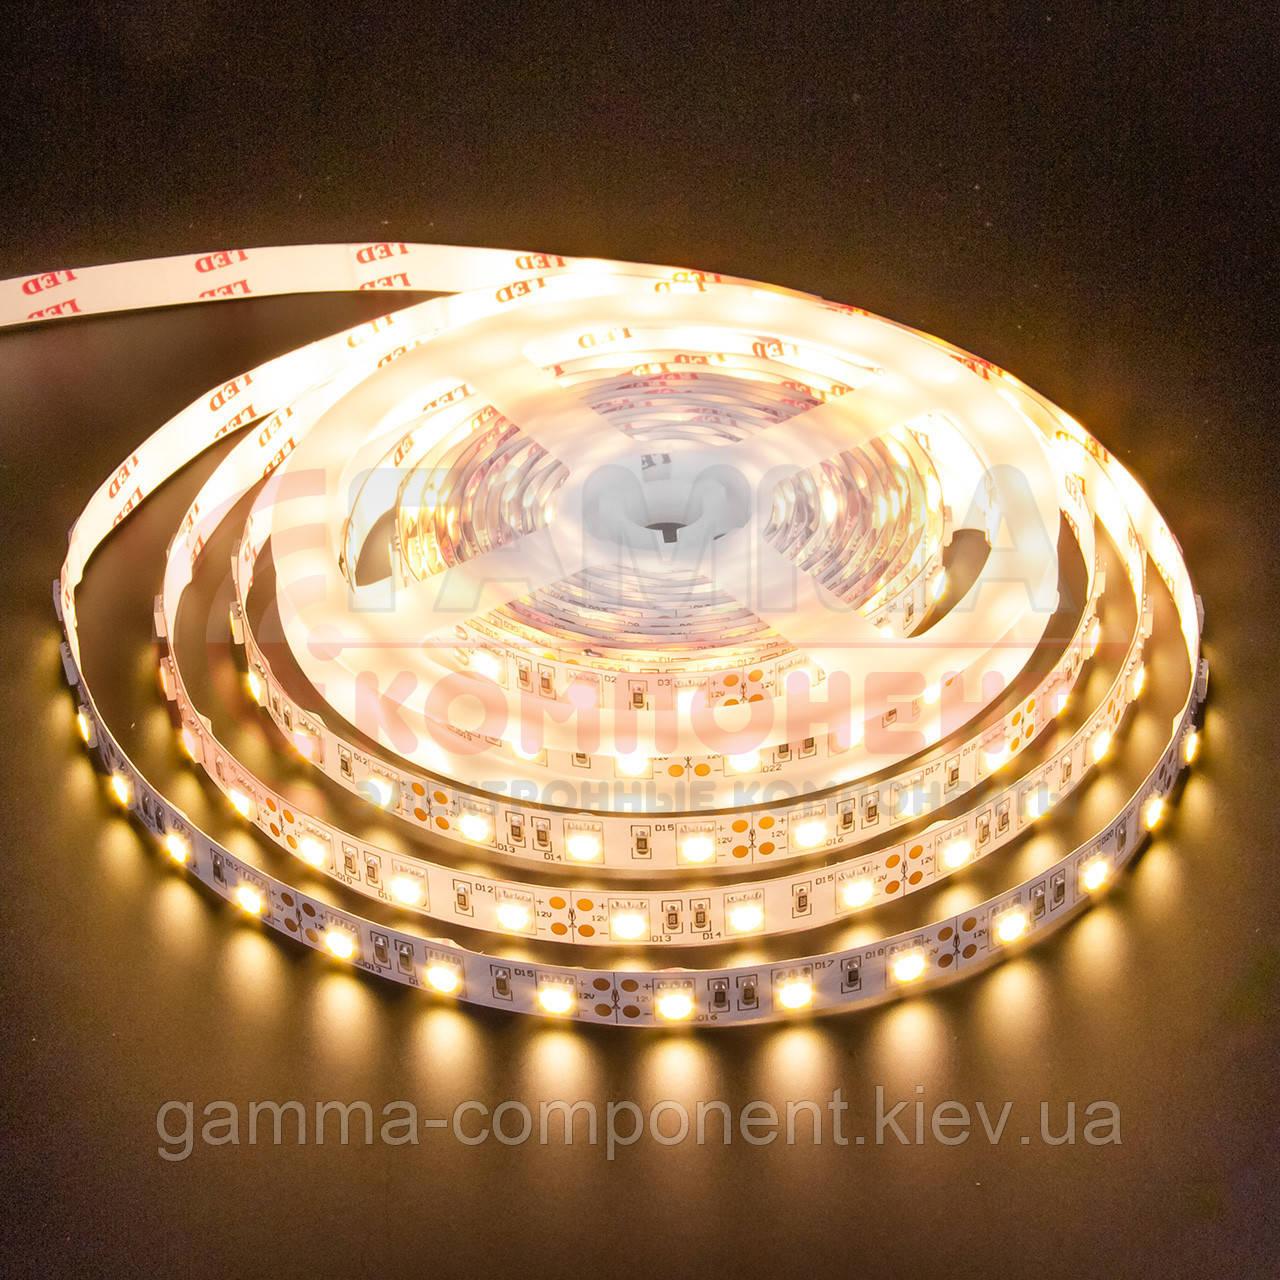 Светодиодная лента MOTOKO PREMIUM SMD 2835 (60 LED/м), теплый белый, IP20, 12В - бобины от 5 метров